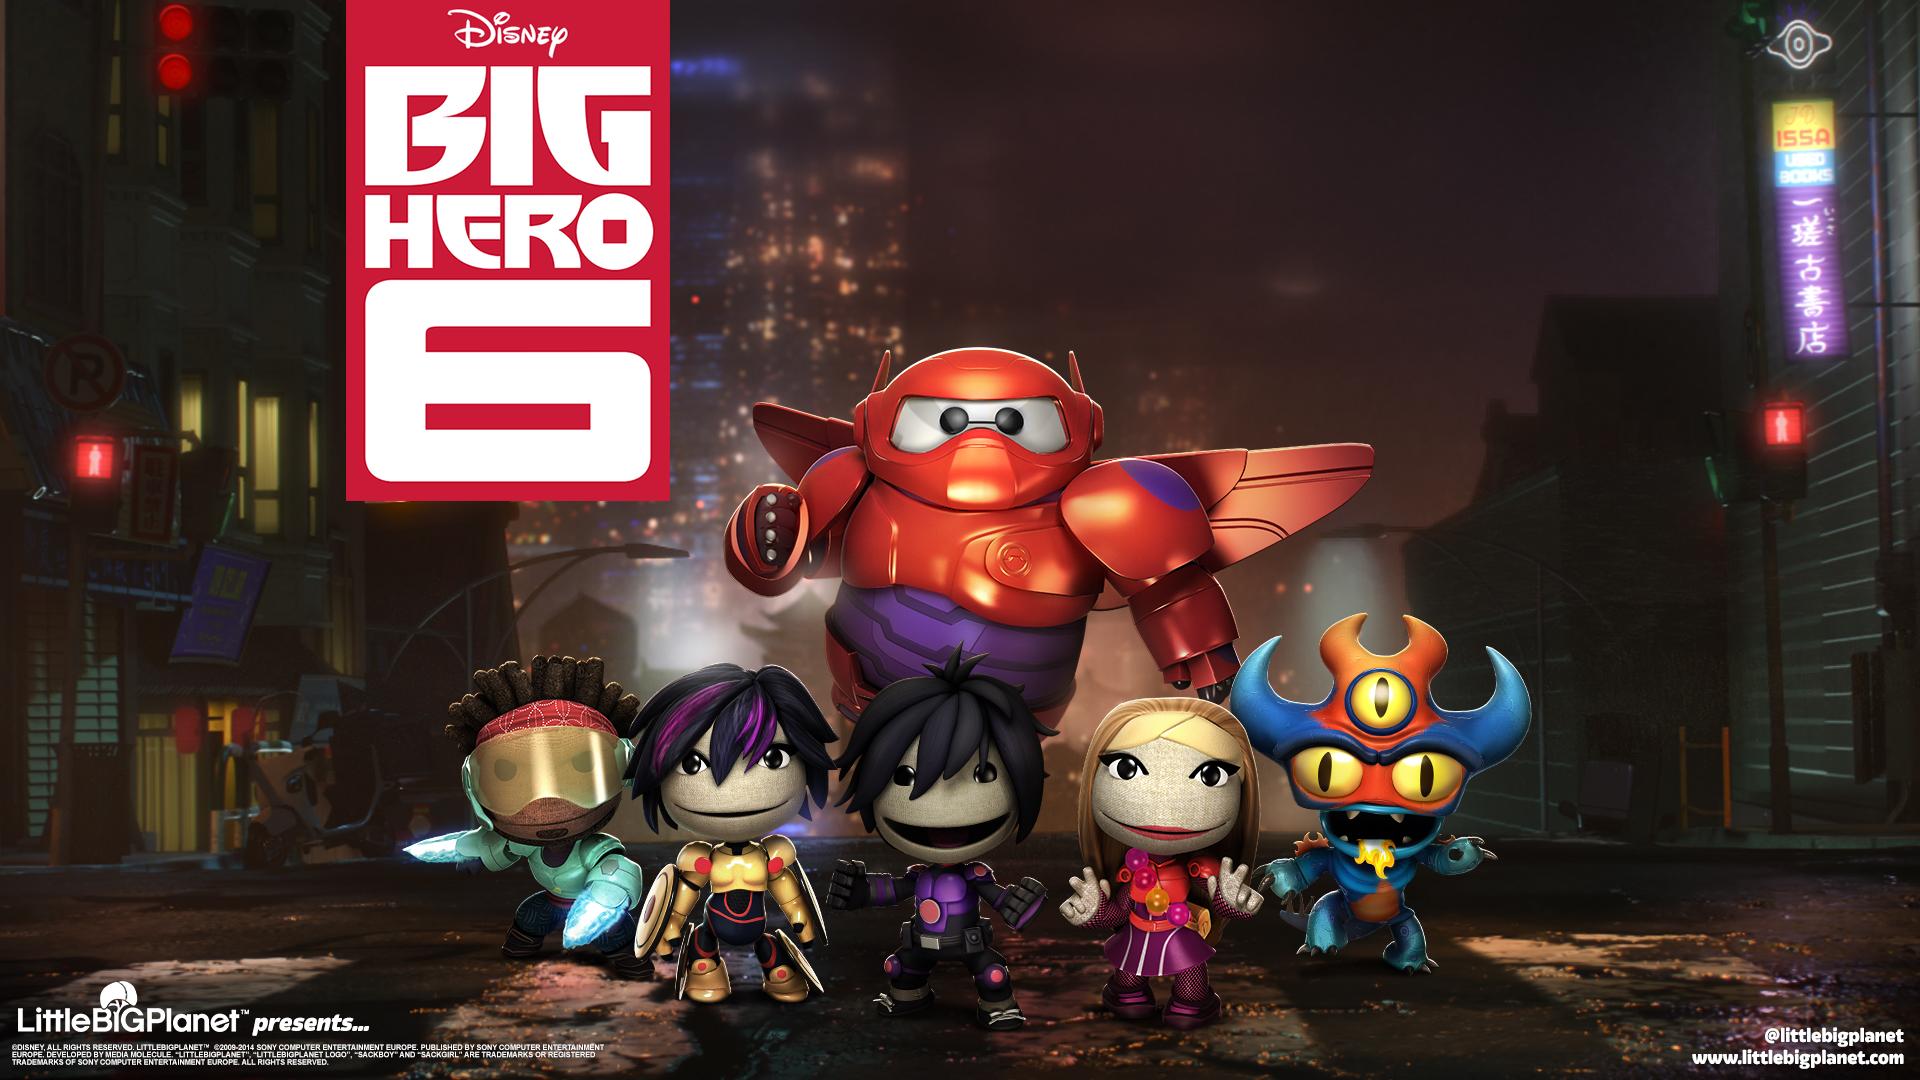 В LittleBigPlanet 3 большой герой 6 обои скачать